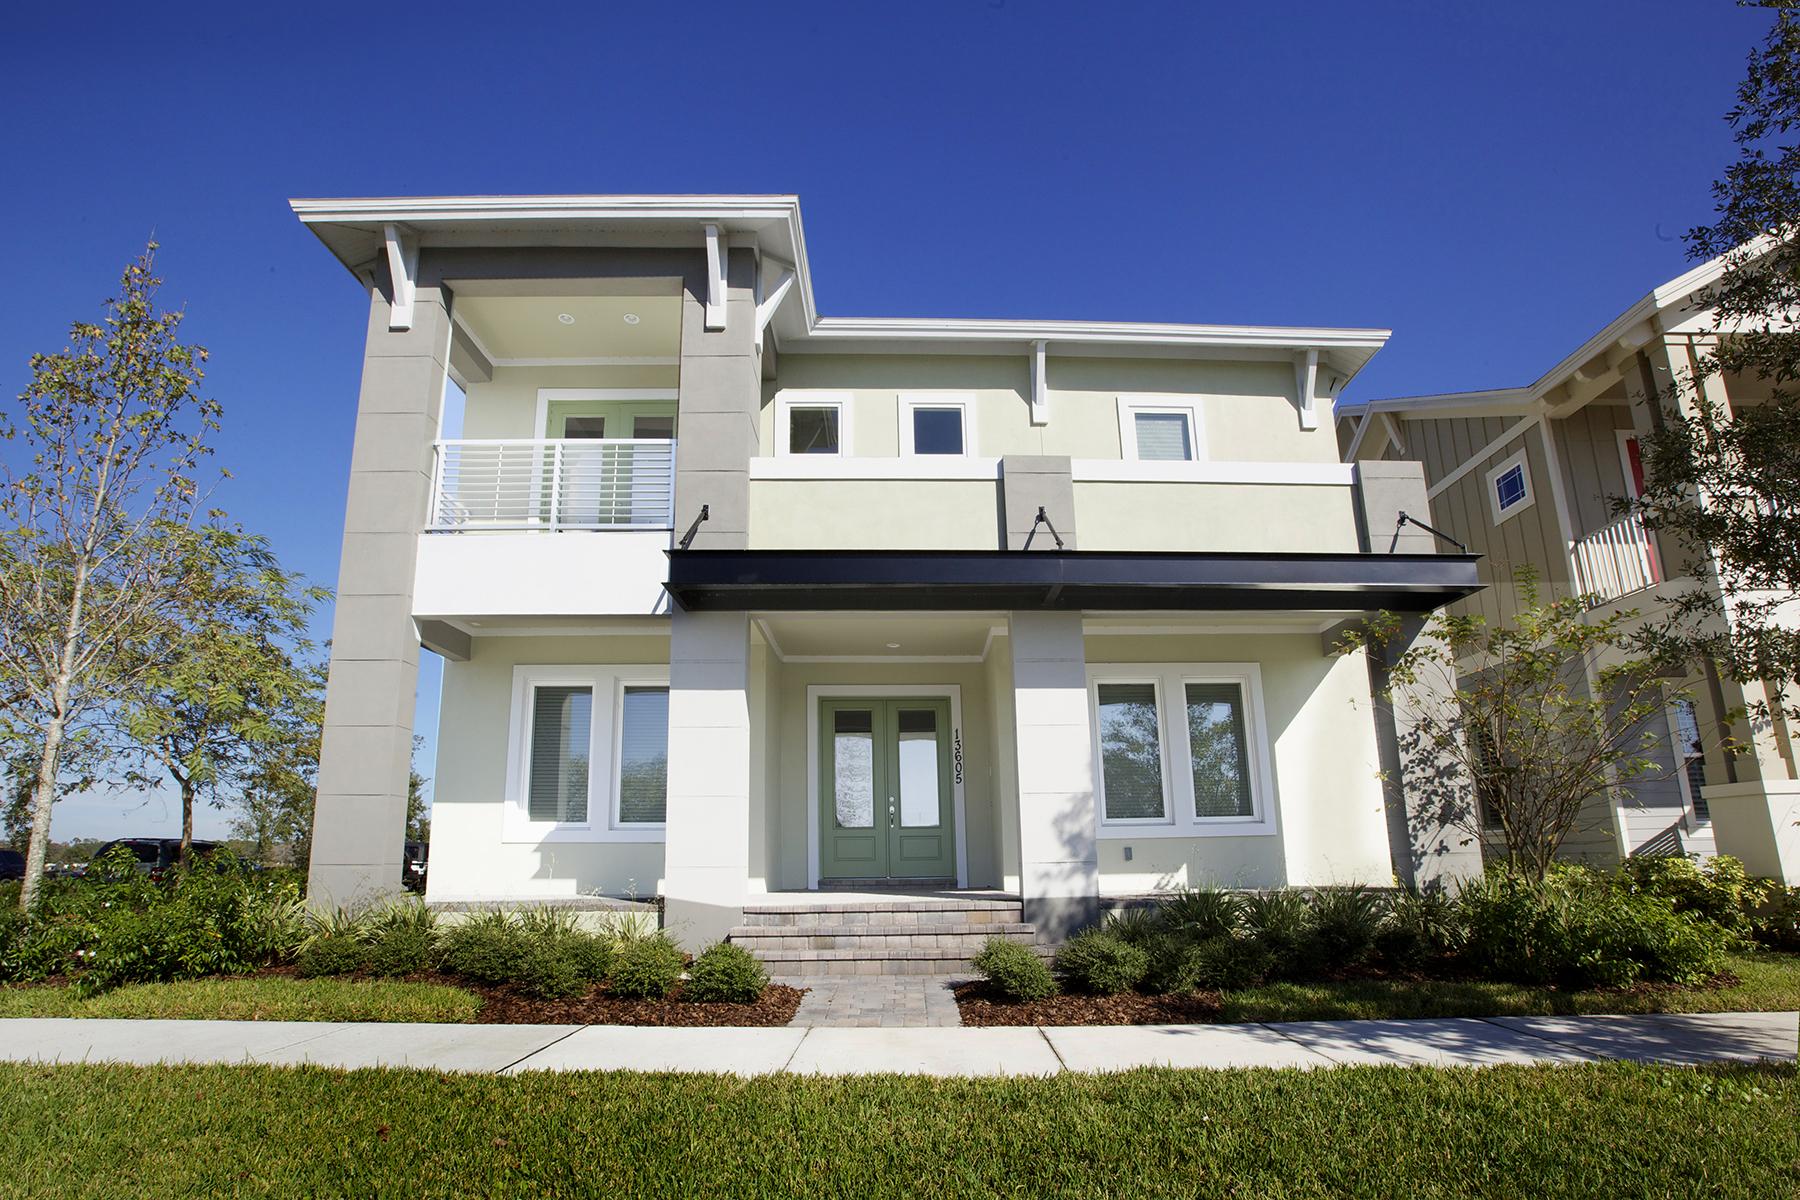 独户住宅 为 销售 在 ORLANDO 13605 Granger Ave 奥兰多, 佛罗里达州, 32827 美国